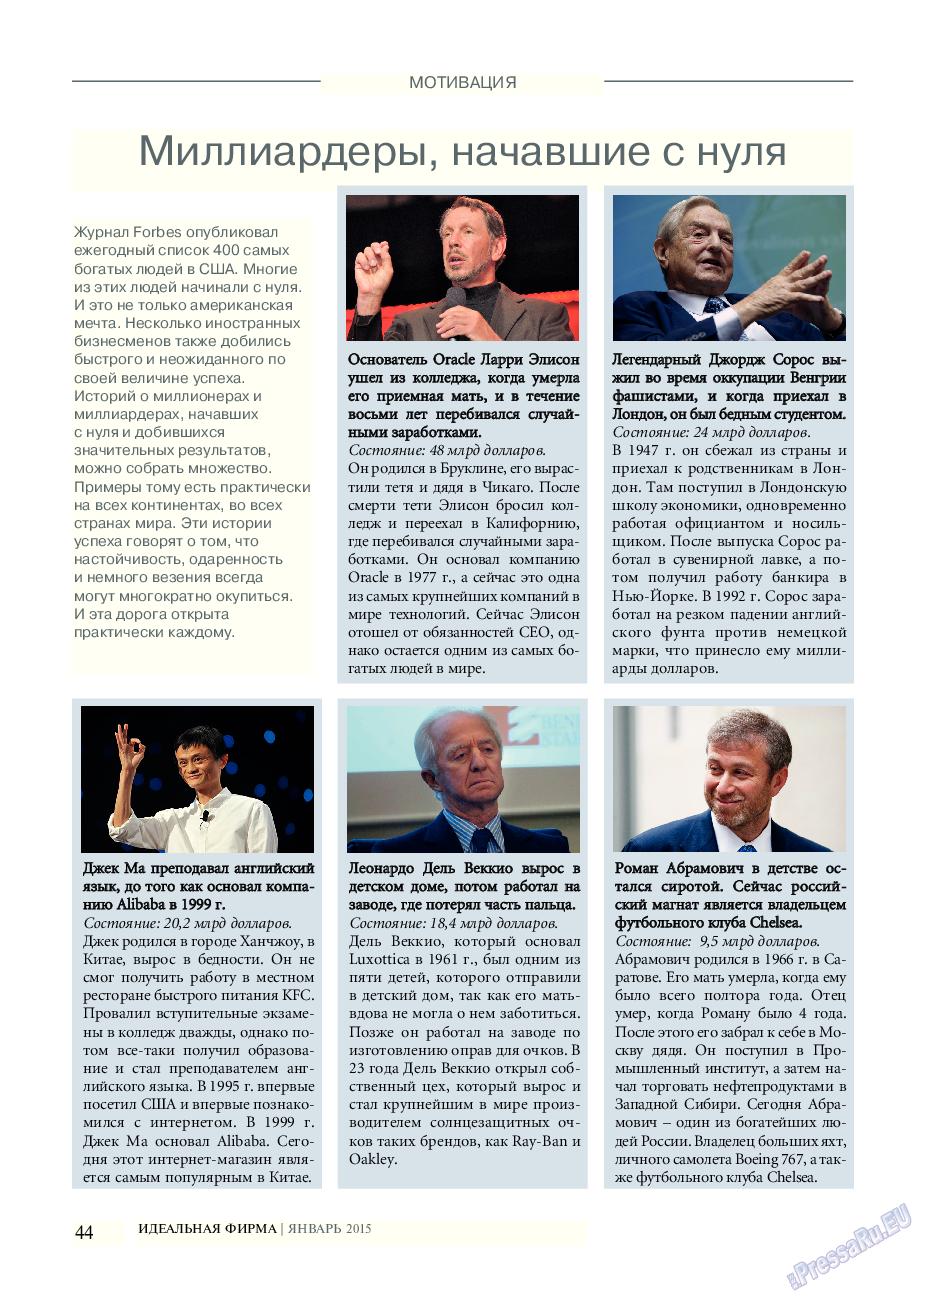 Идеальная фирма (журнал). 2015 год, номер 1, стр. 44